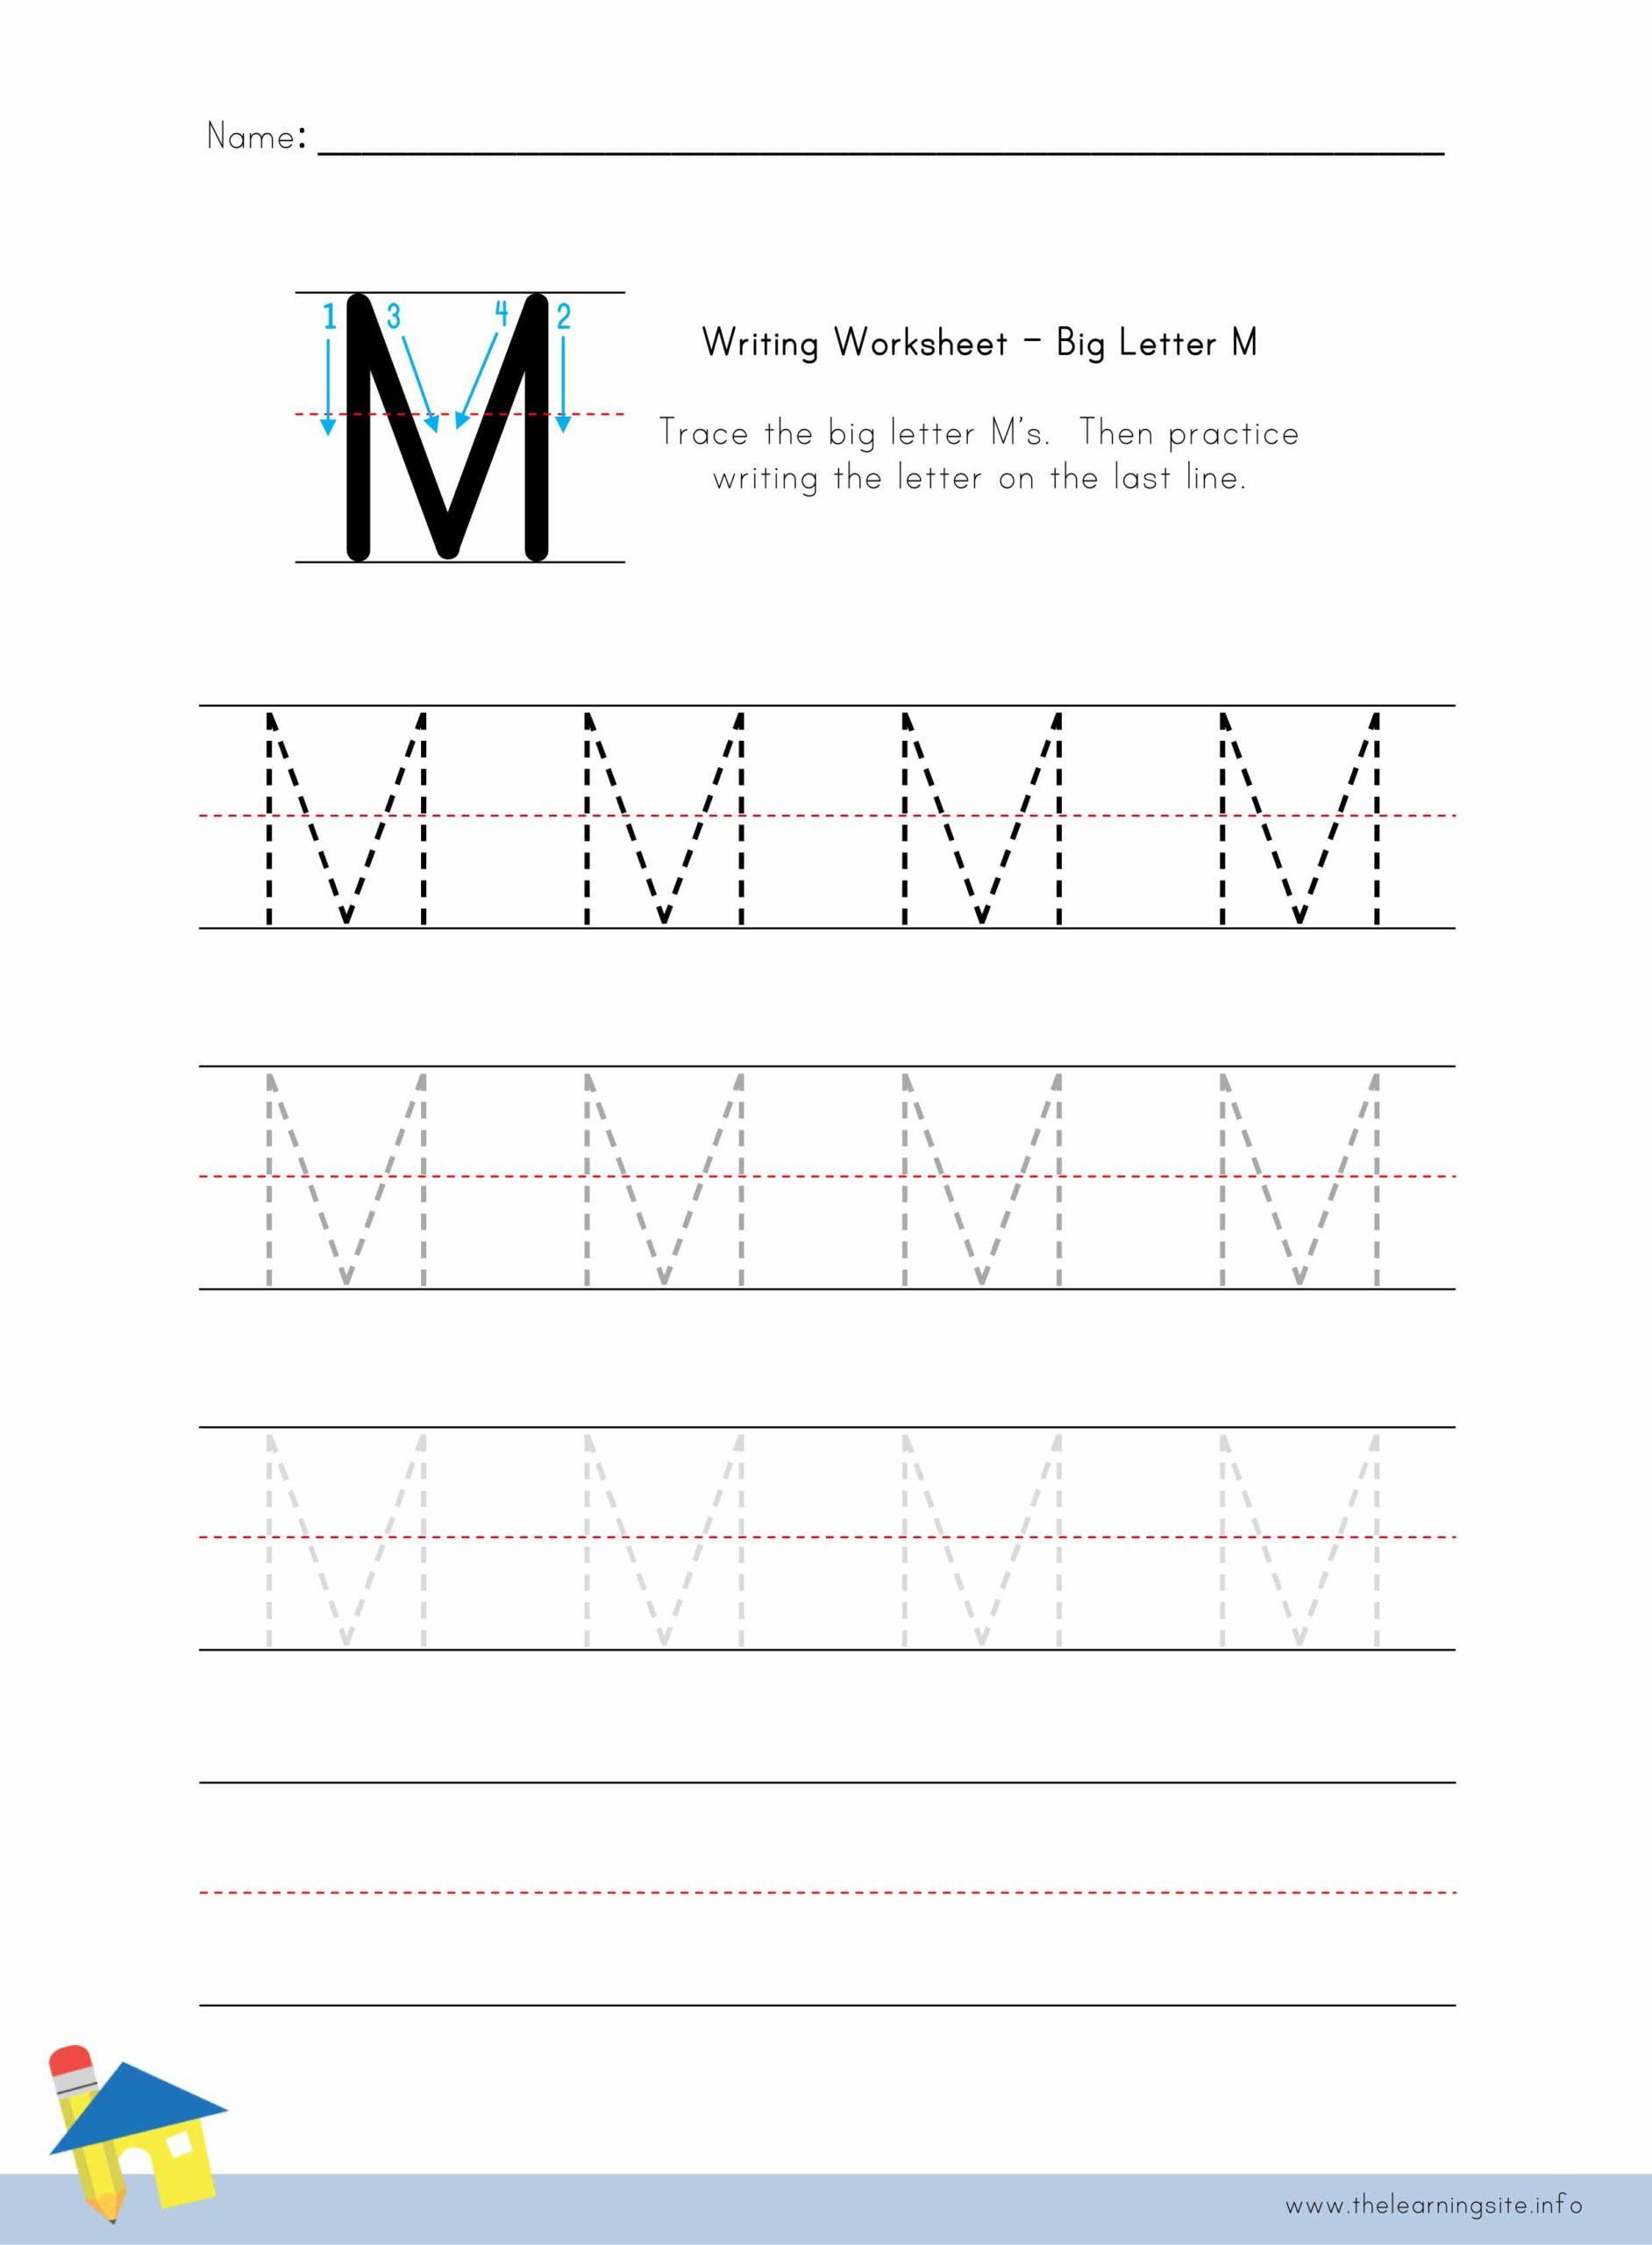 Big Letter M Writing Worksheet – The Learning Site inside Letter M Worksheets Pdf